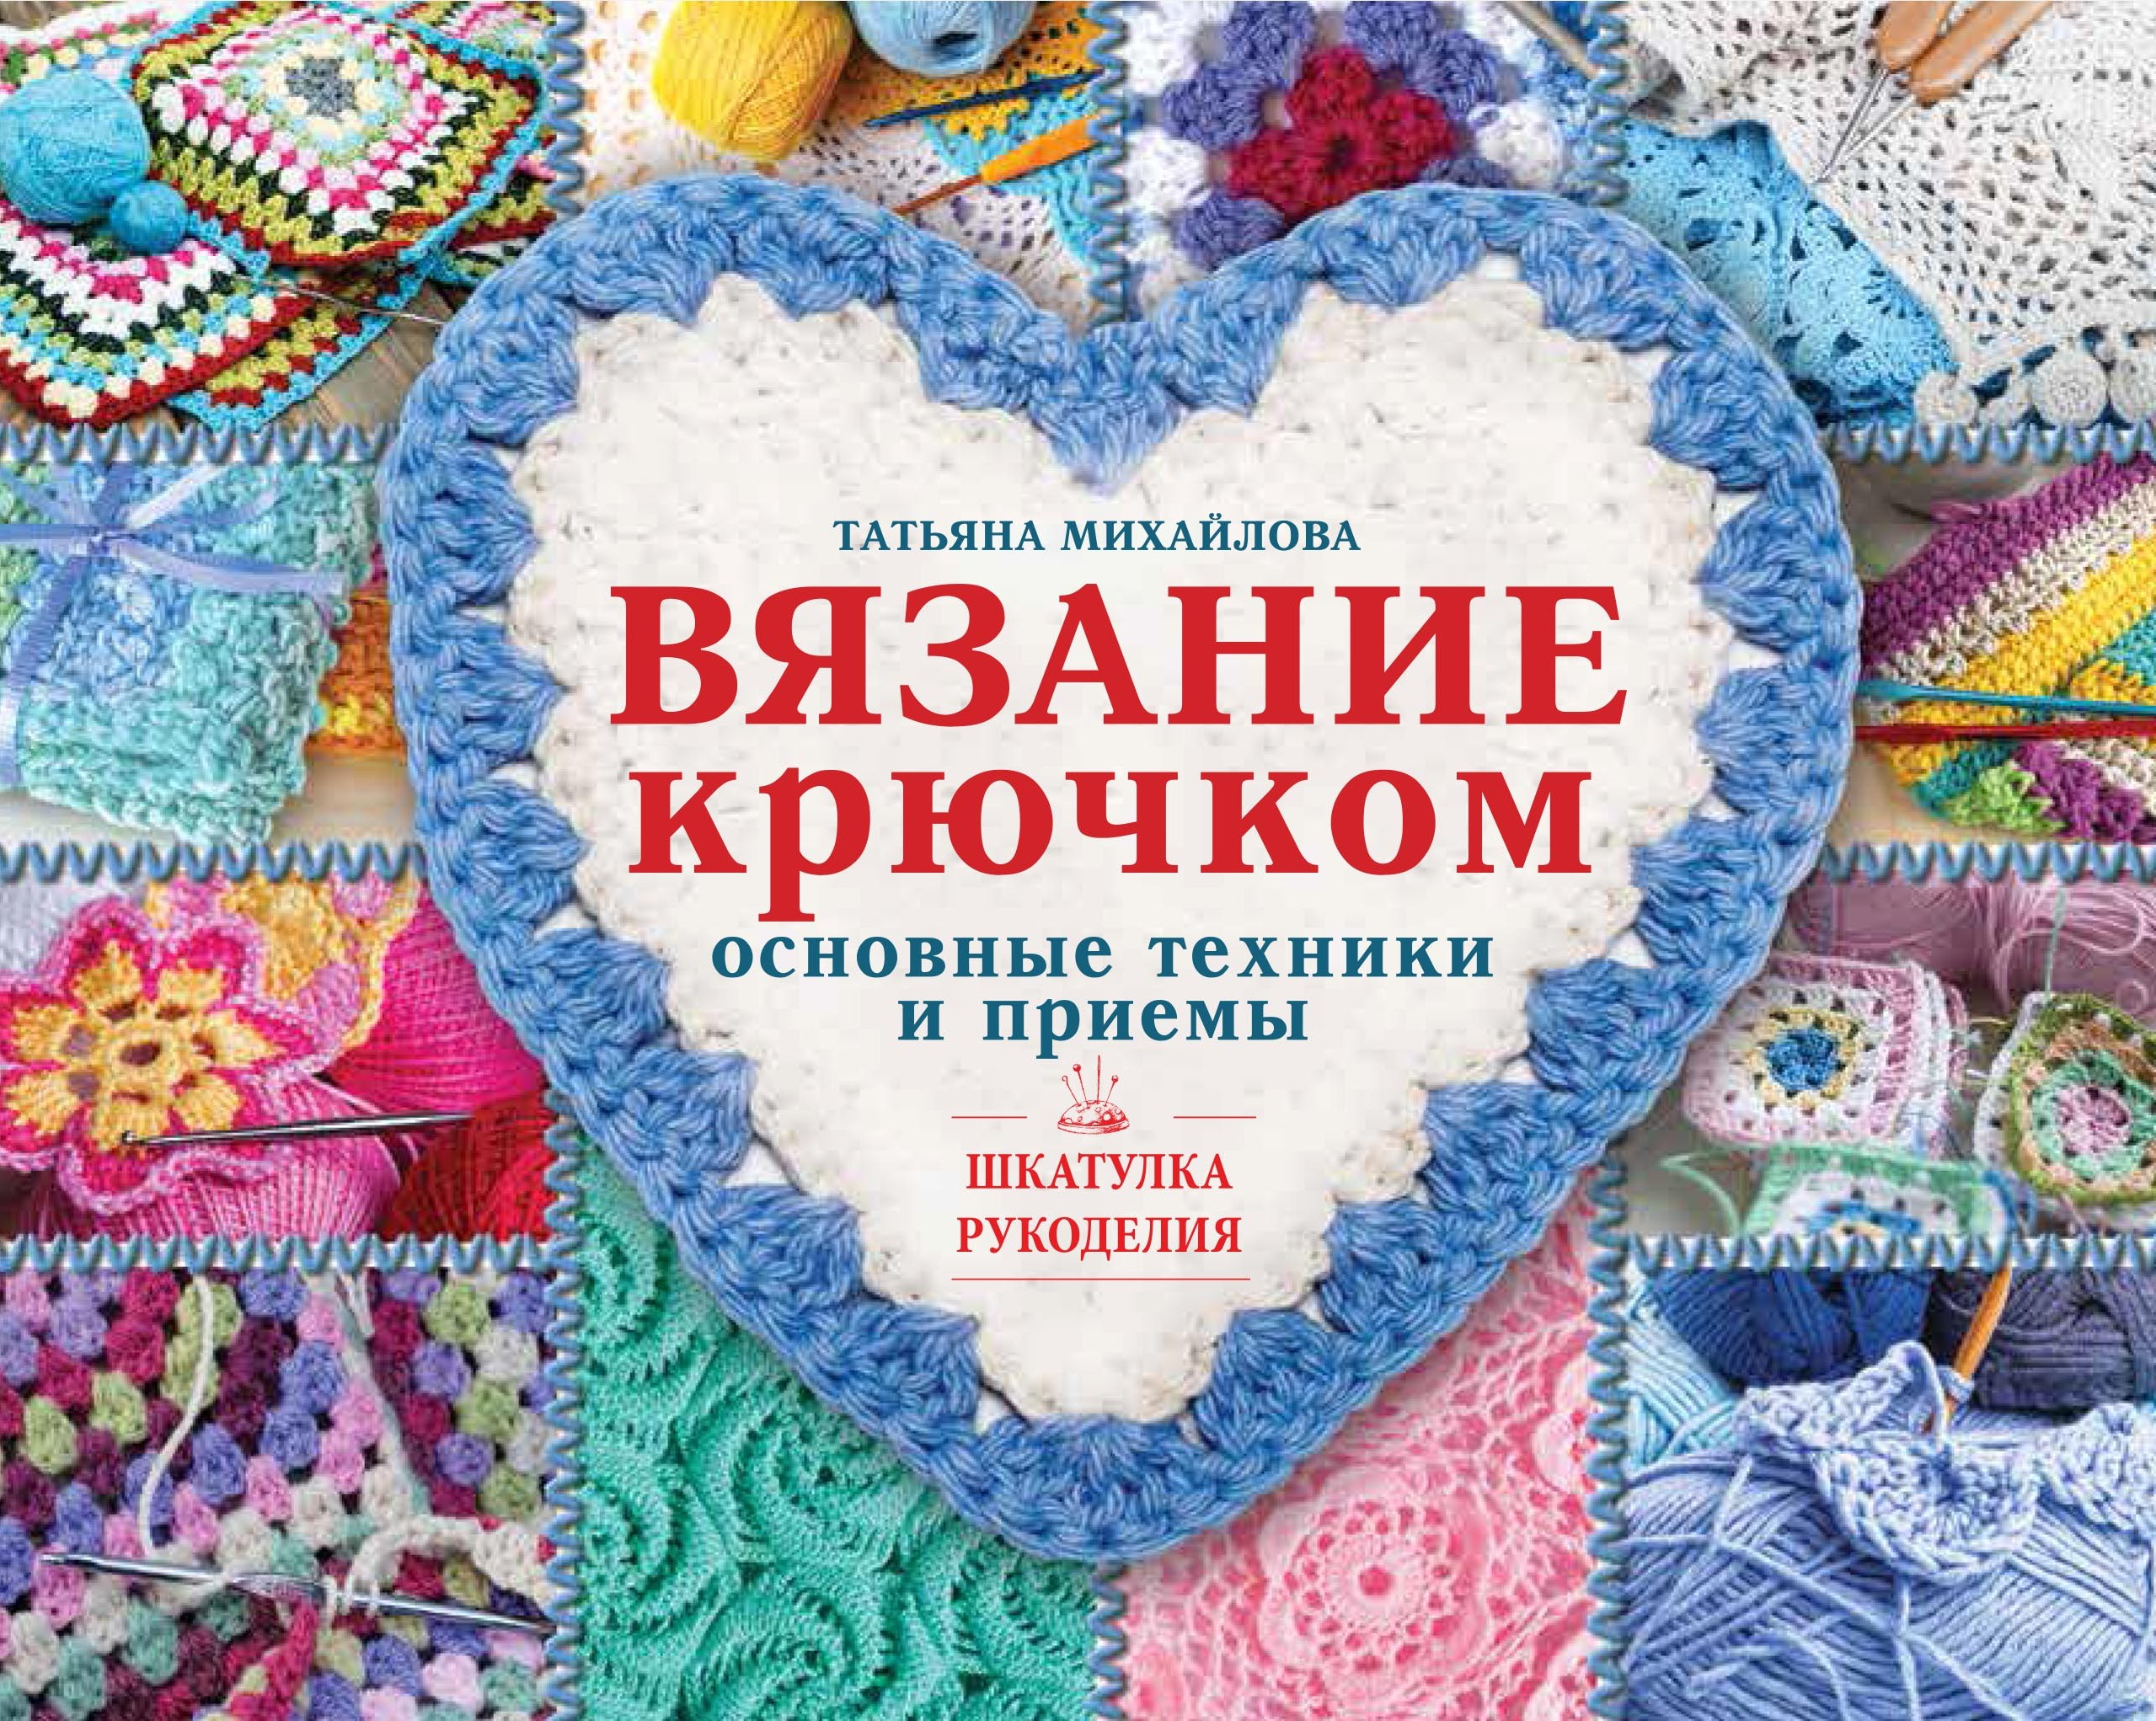 Вязание крючком: основные техники и приемы ( Михайлова Т.В.  )